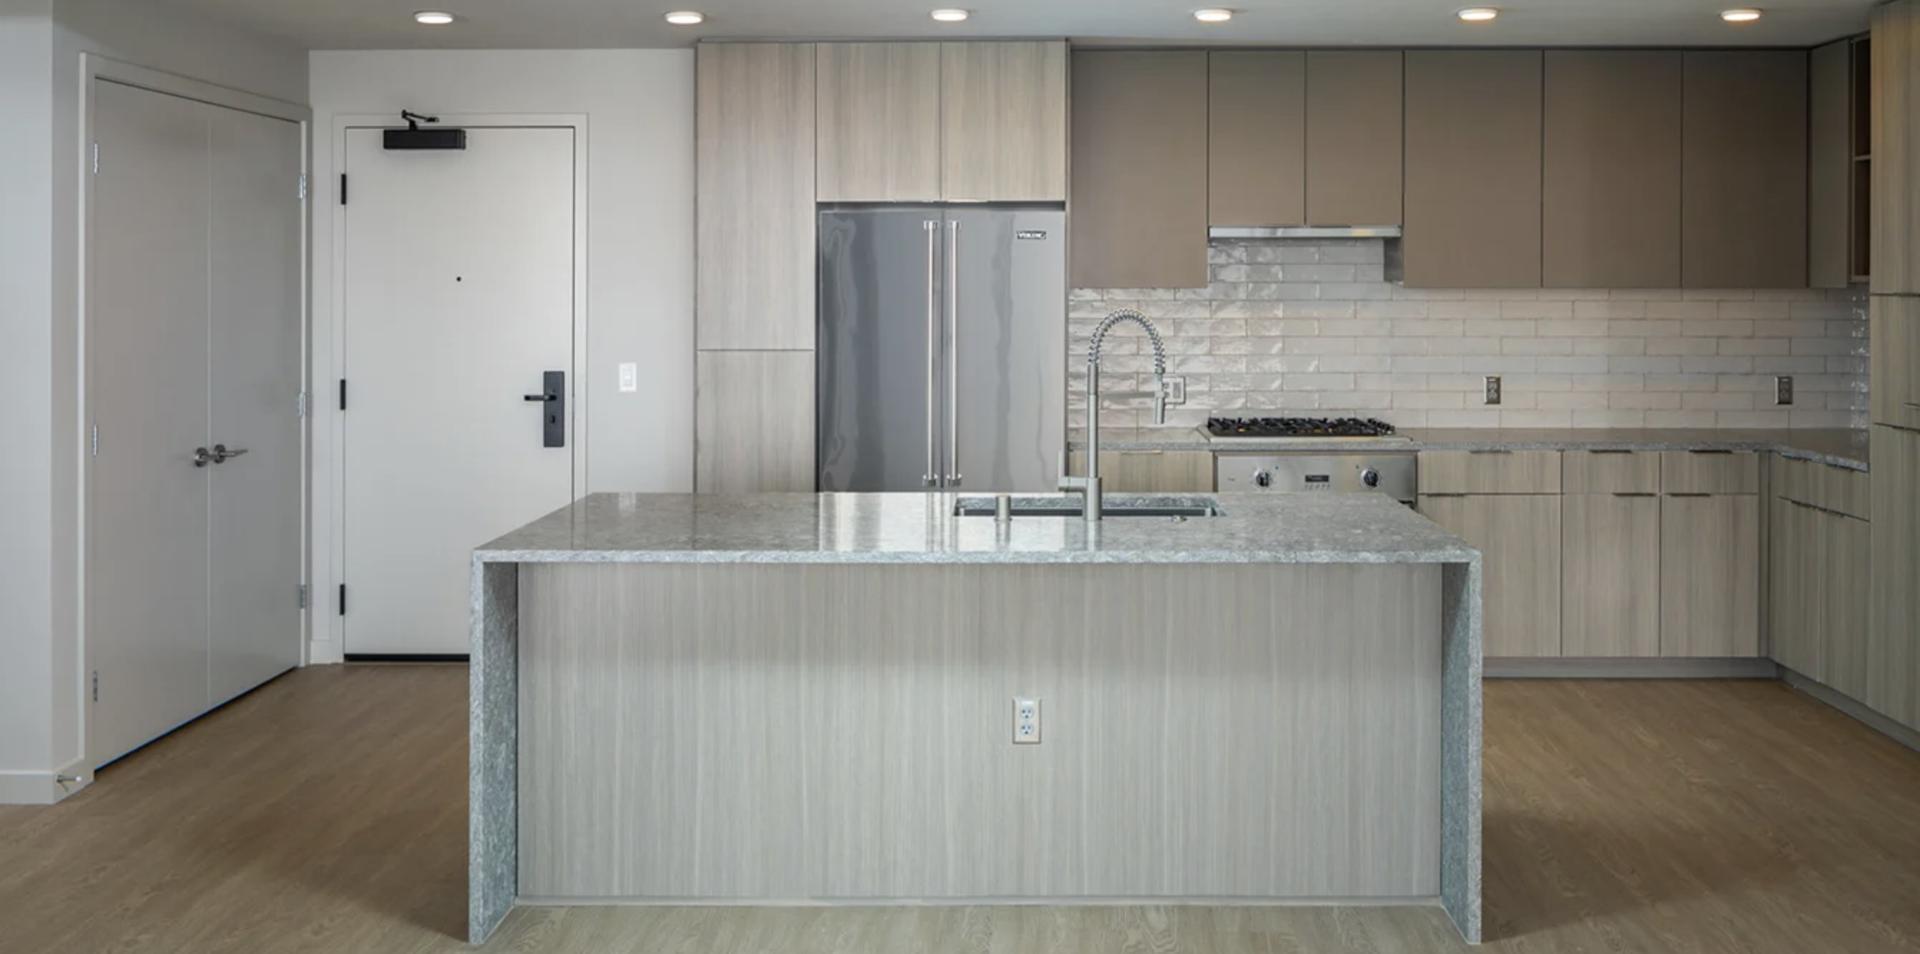 601 11th Avenue #312, San Diego, CA - $4,615 USD/ month